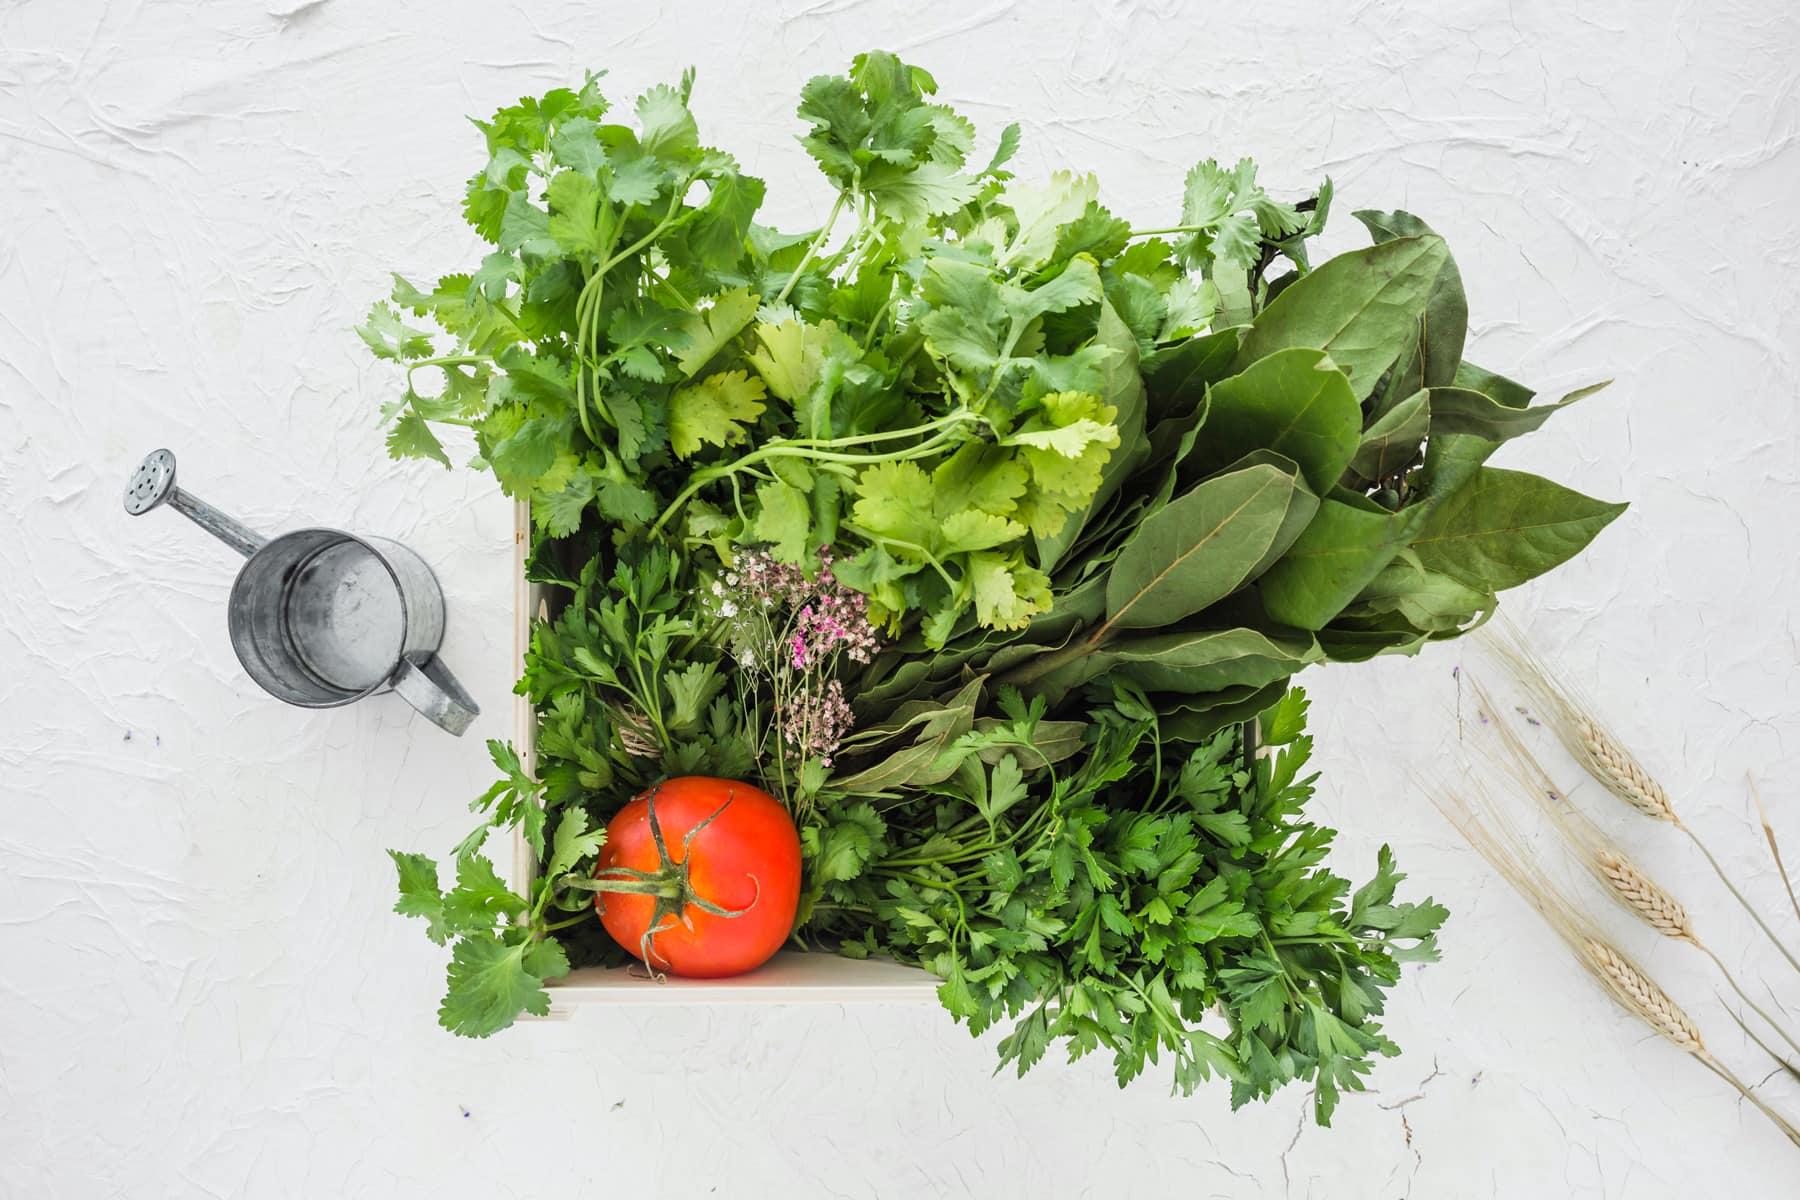 Las mejores plantas comestibles que puedes cultivar si vives en departamento